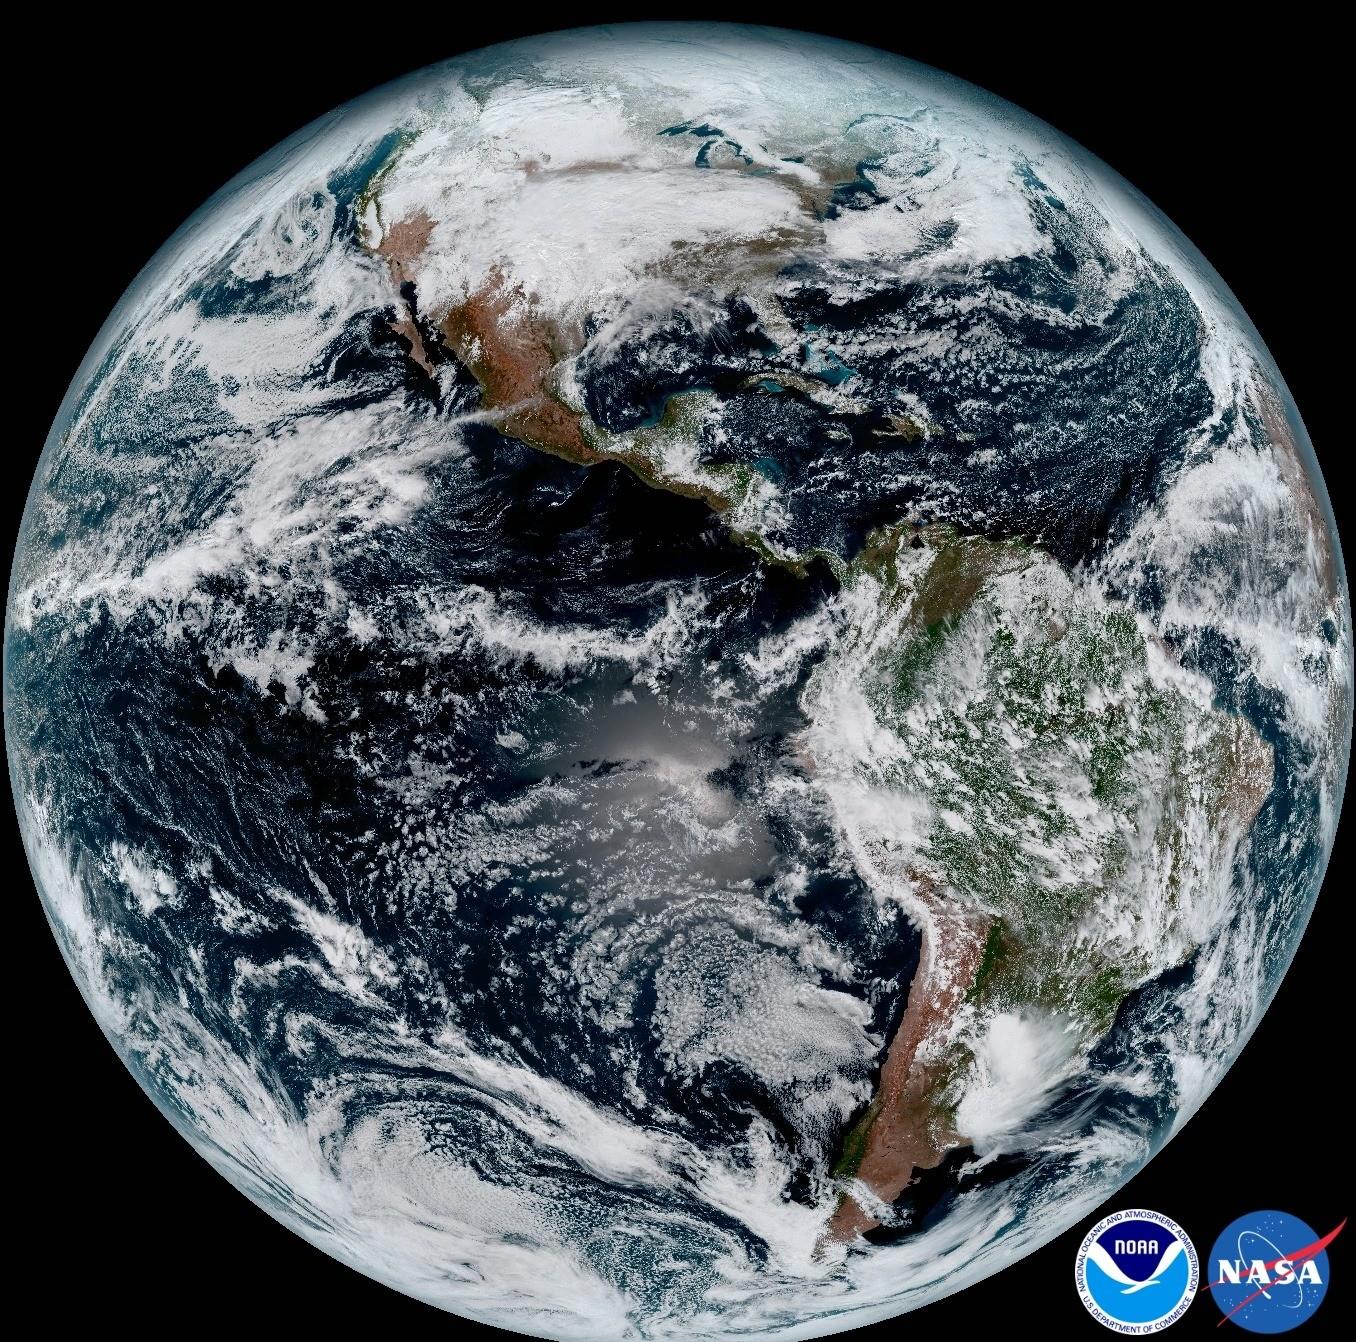 De somptueuses images de la Terre en provenance d'un nouveau satellite de prévisions météorologiques